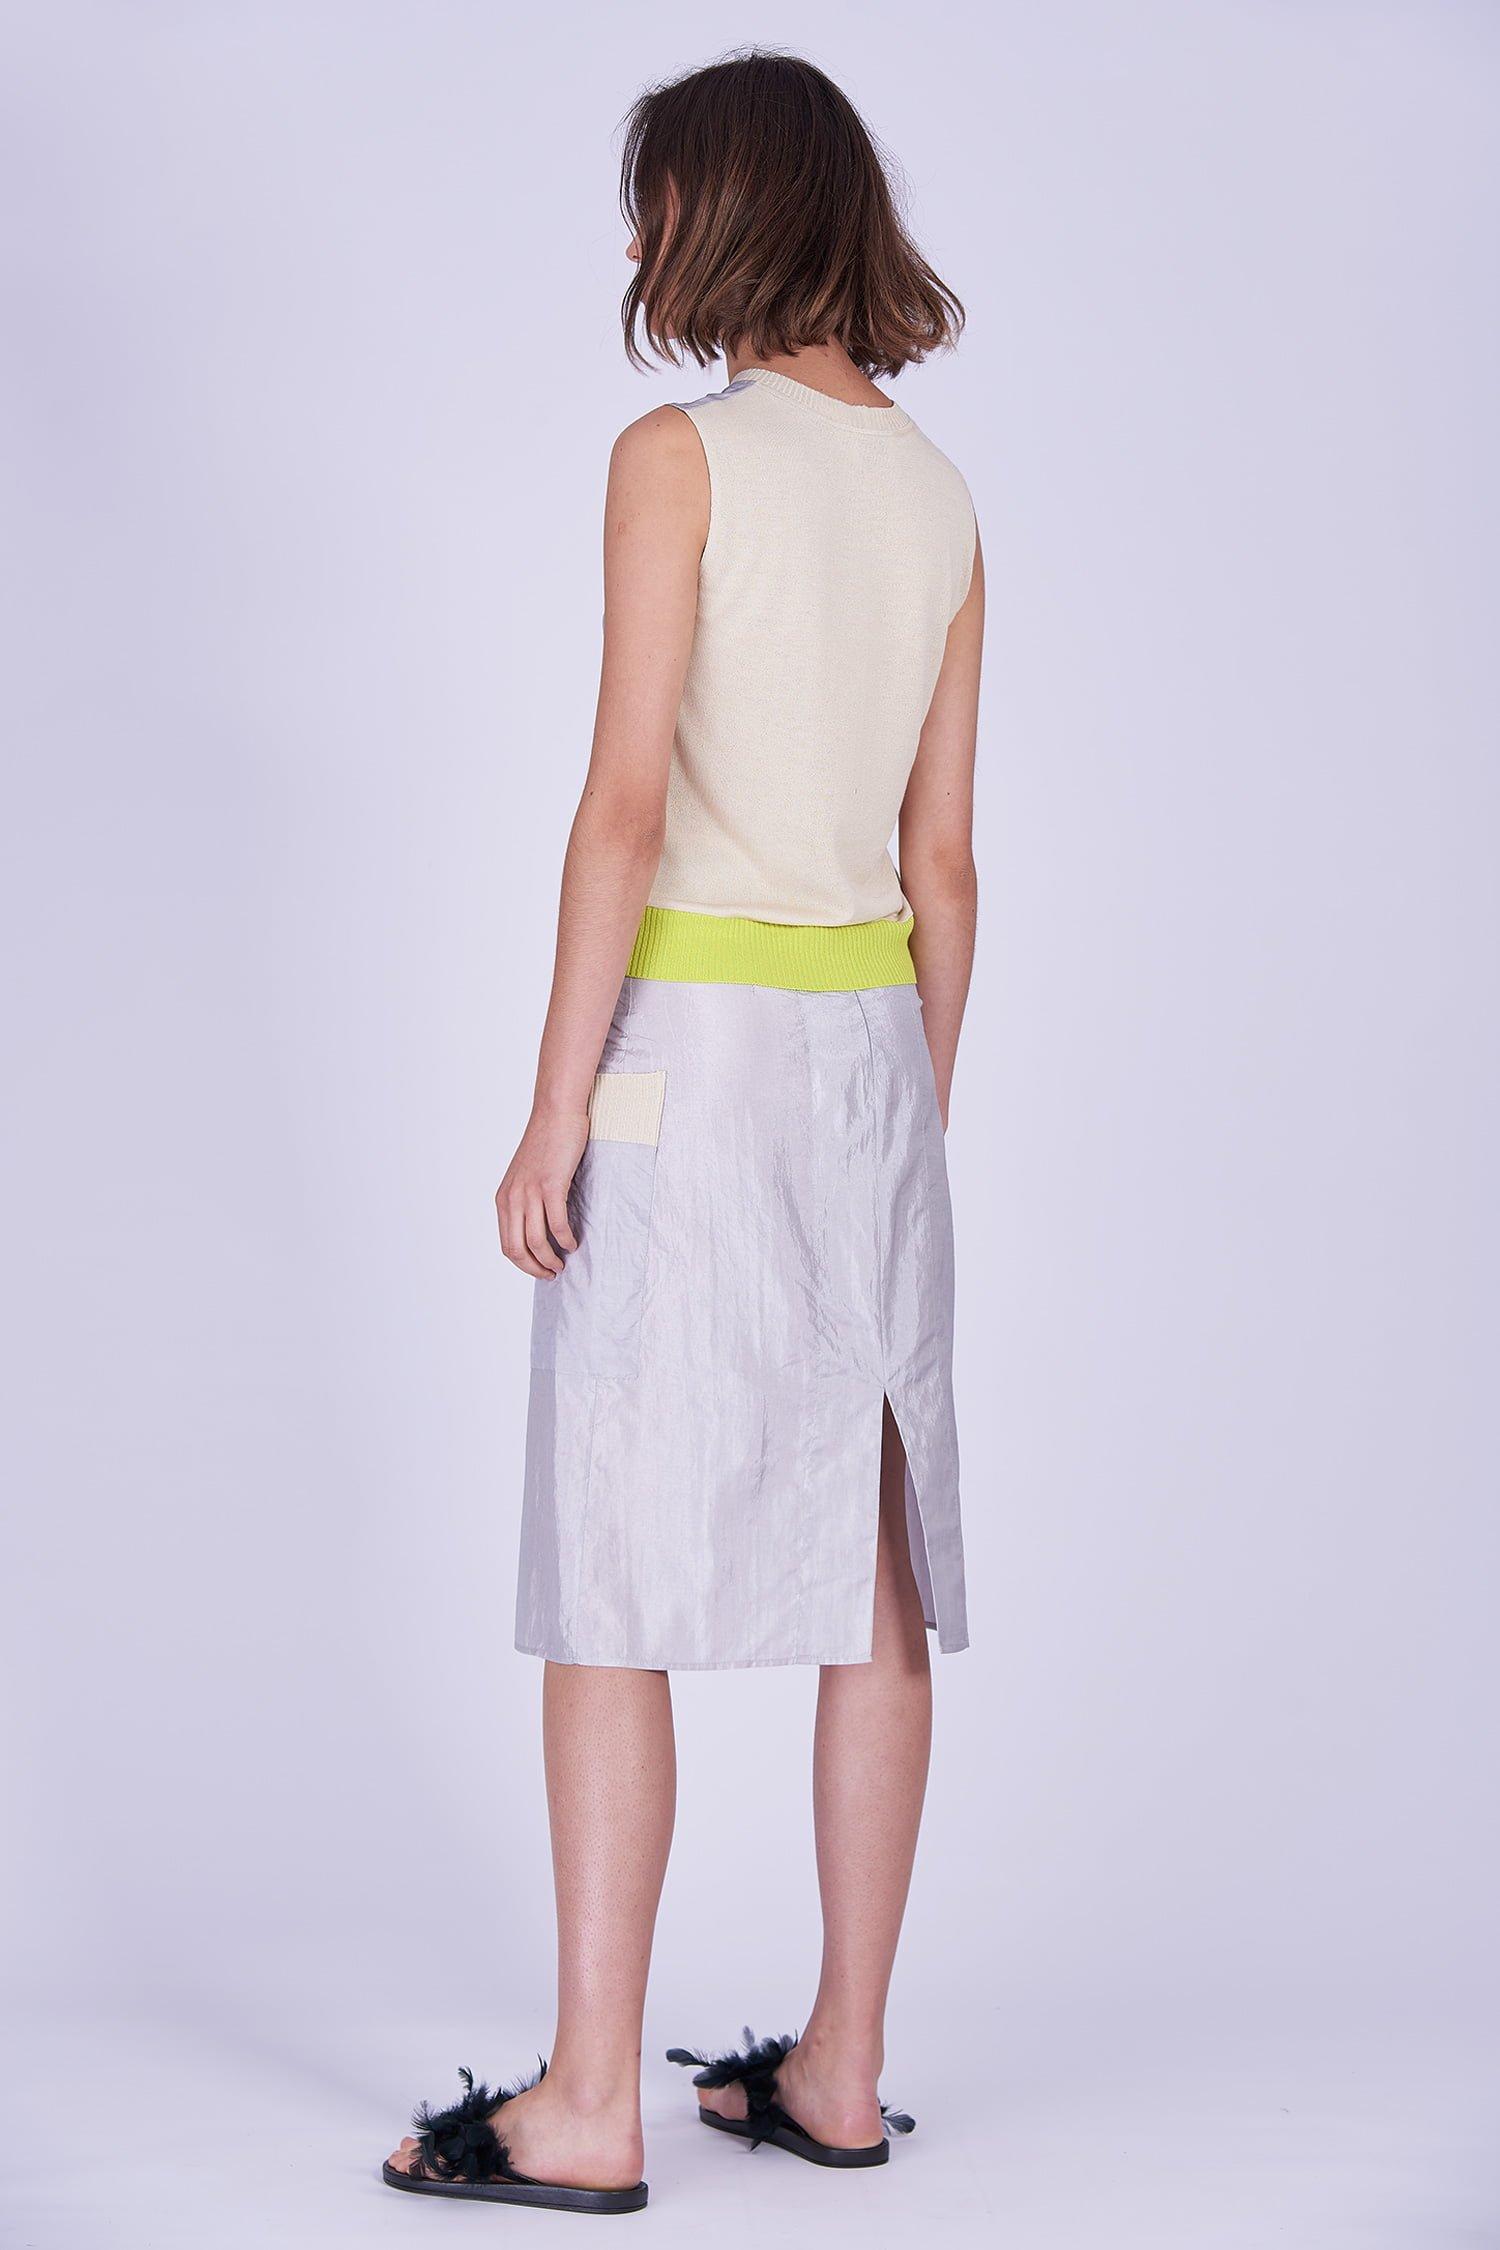 Acephala Ss2020 Silver Bustier Top Midi Skirt Srebrny Gorsetowy Srebrna Spodnica Side Back